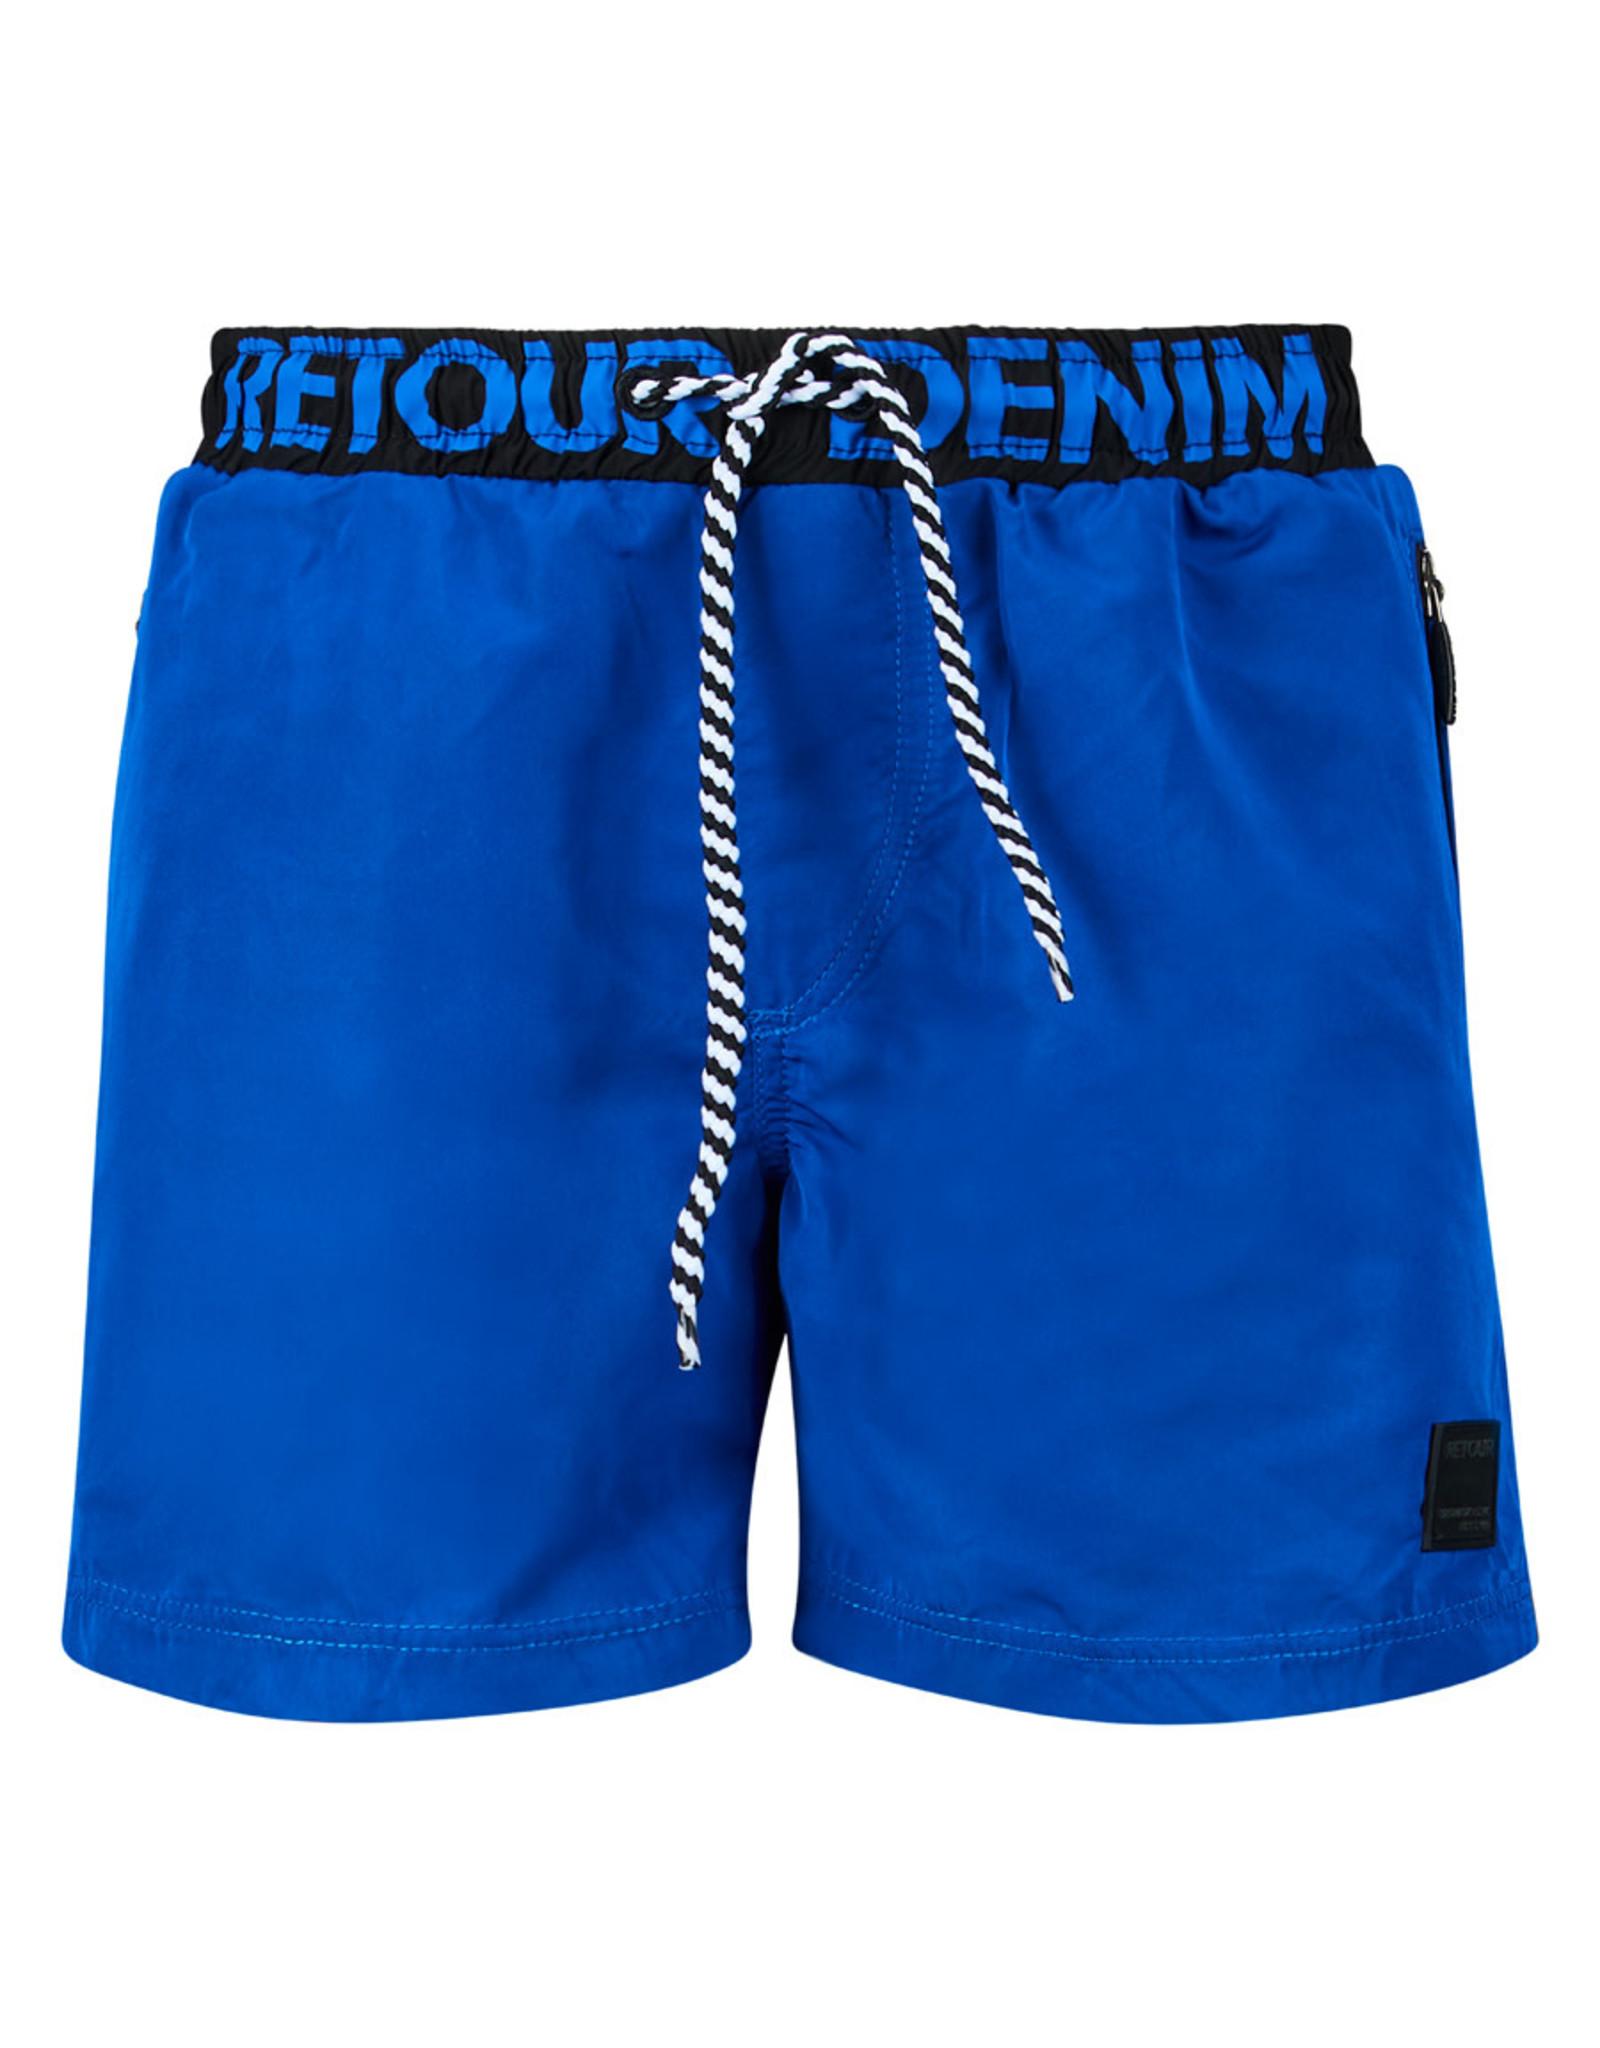 Retour Rider 5069 mid blue zwemshort